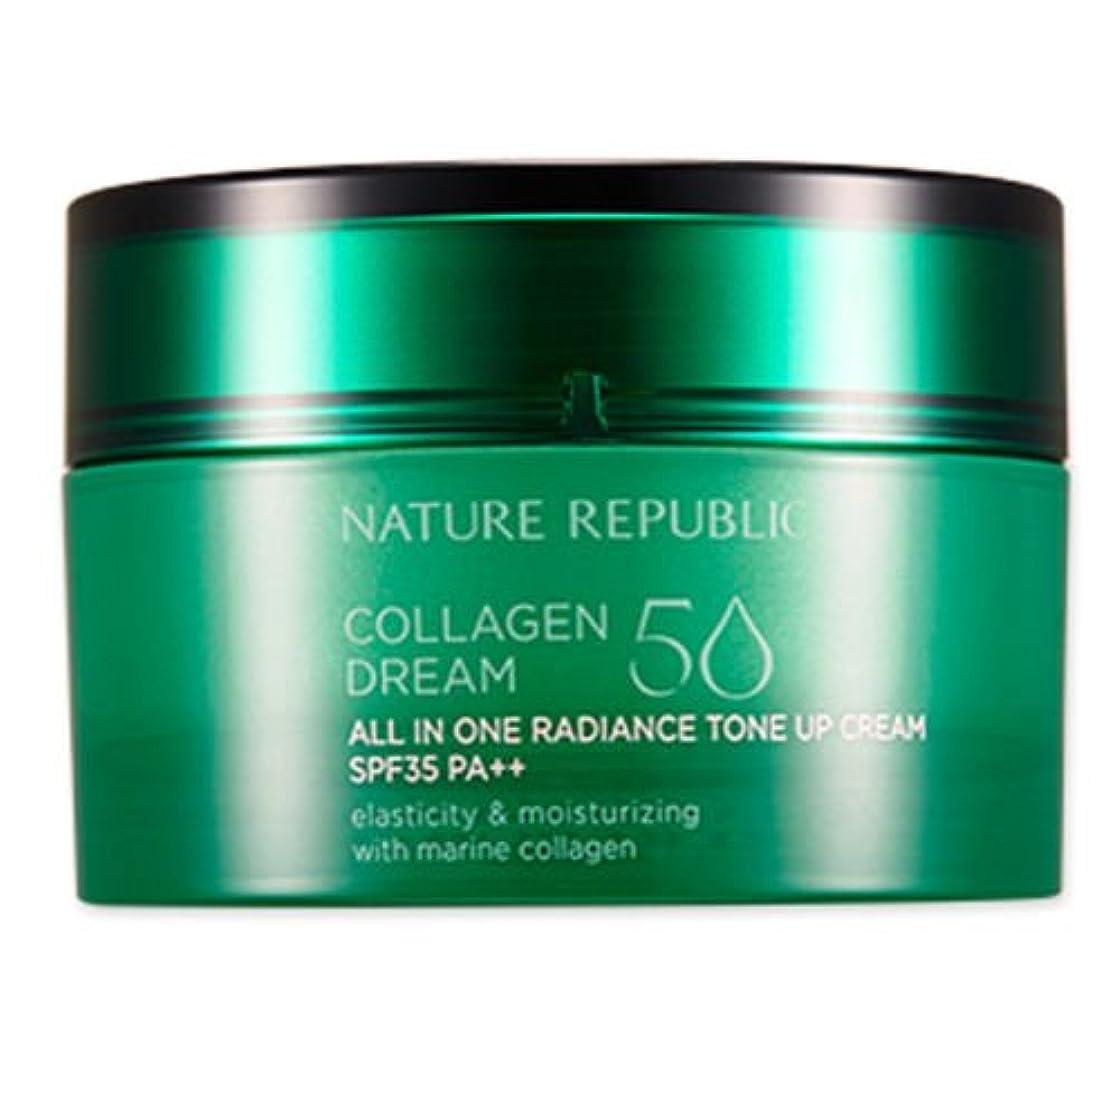 反逆荒野ジャンプするNATURE REPUBLIC Collagen Dream 50 All-In-One Radiance Tone Up Cream(SPF35PA++) ネイチャーリパブリック [韓国コスメ ] コラーゲンドリーム50オールインワンラディアンストンアップクリーム(SPF35PA++) [並行輸入品]